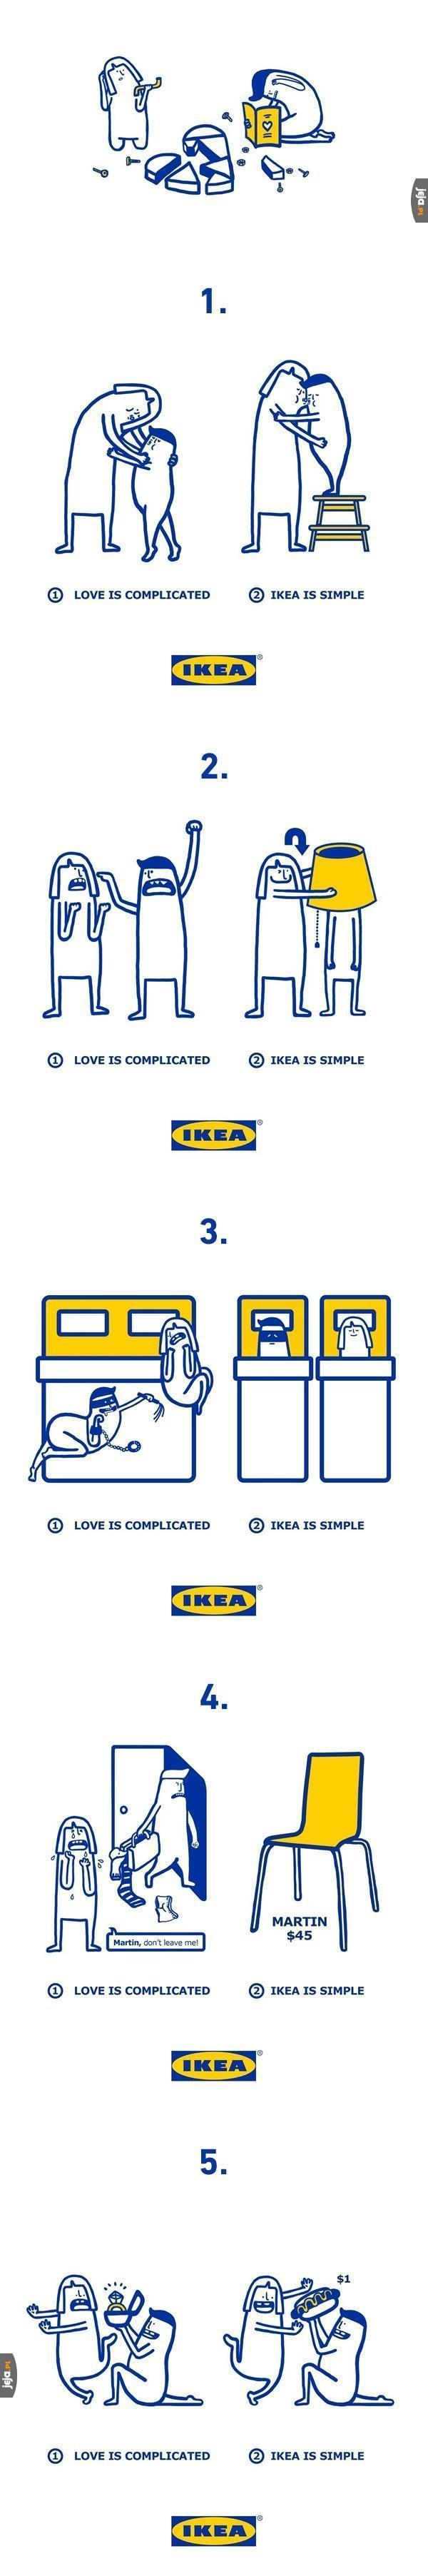 Instrukcje Ikei - jak naprawić problemy w związku